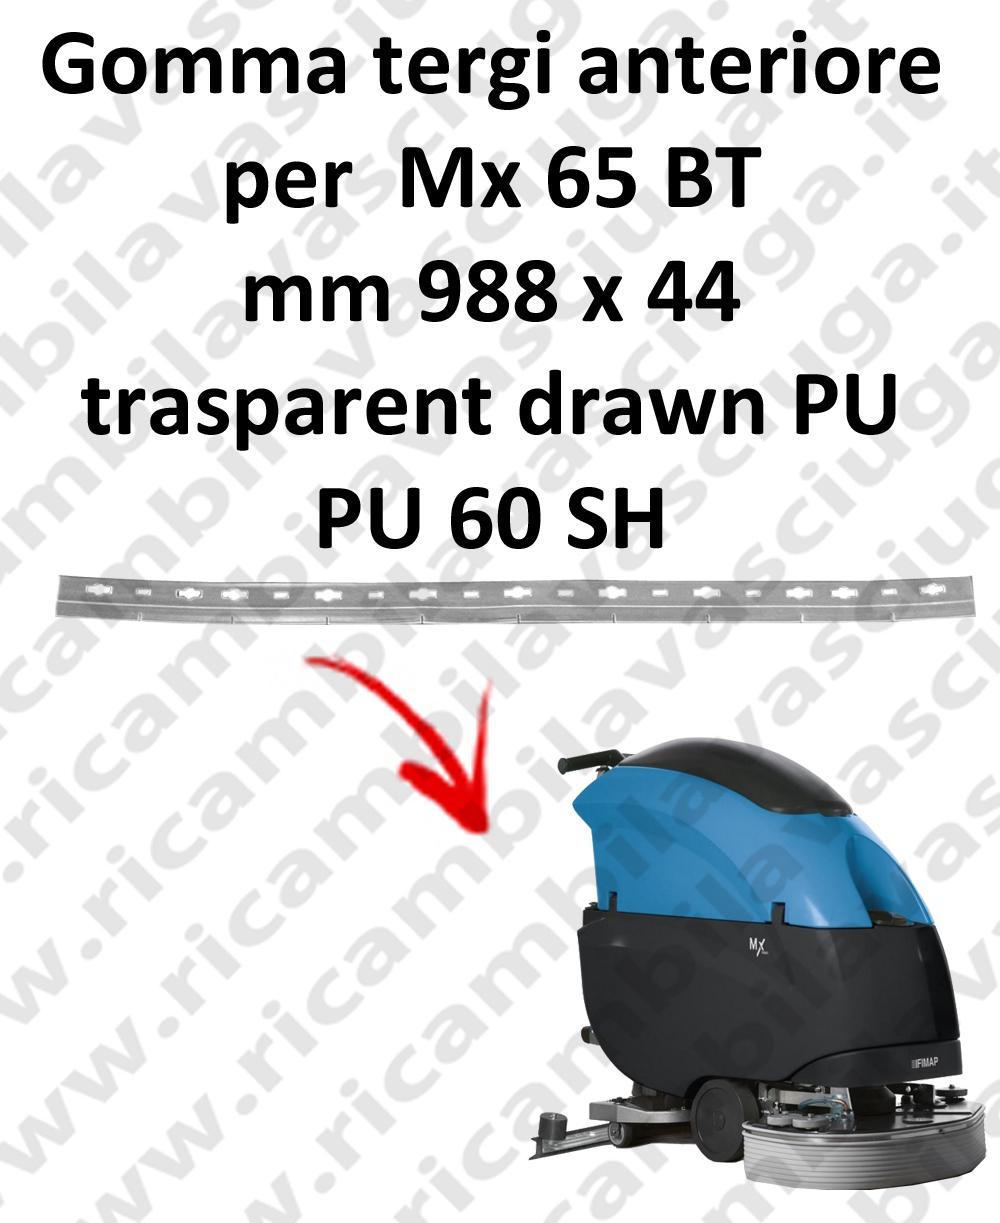 Mx 65 BT GOMMA TERGIPAVIMENTO anteriore per FIMAP ricambio lavapavimenti squeege